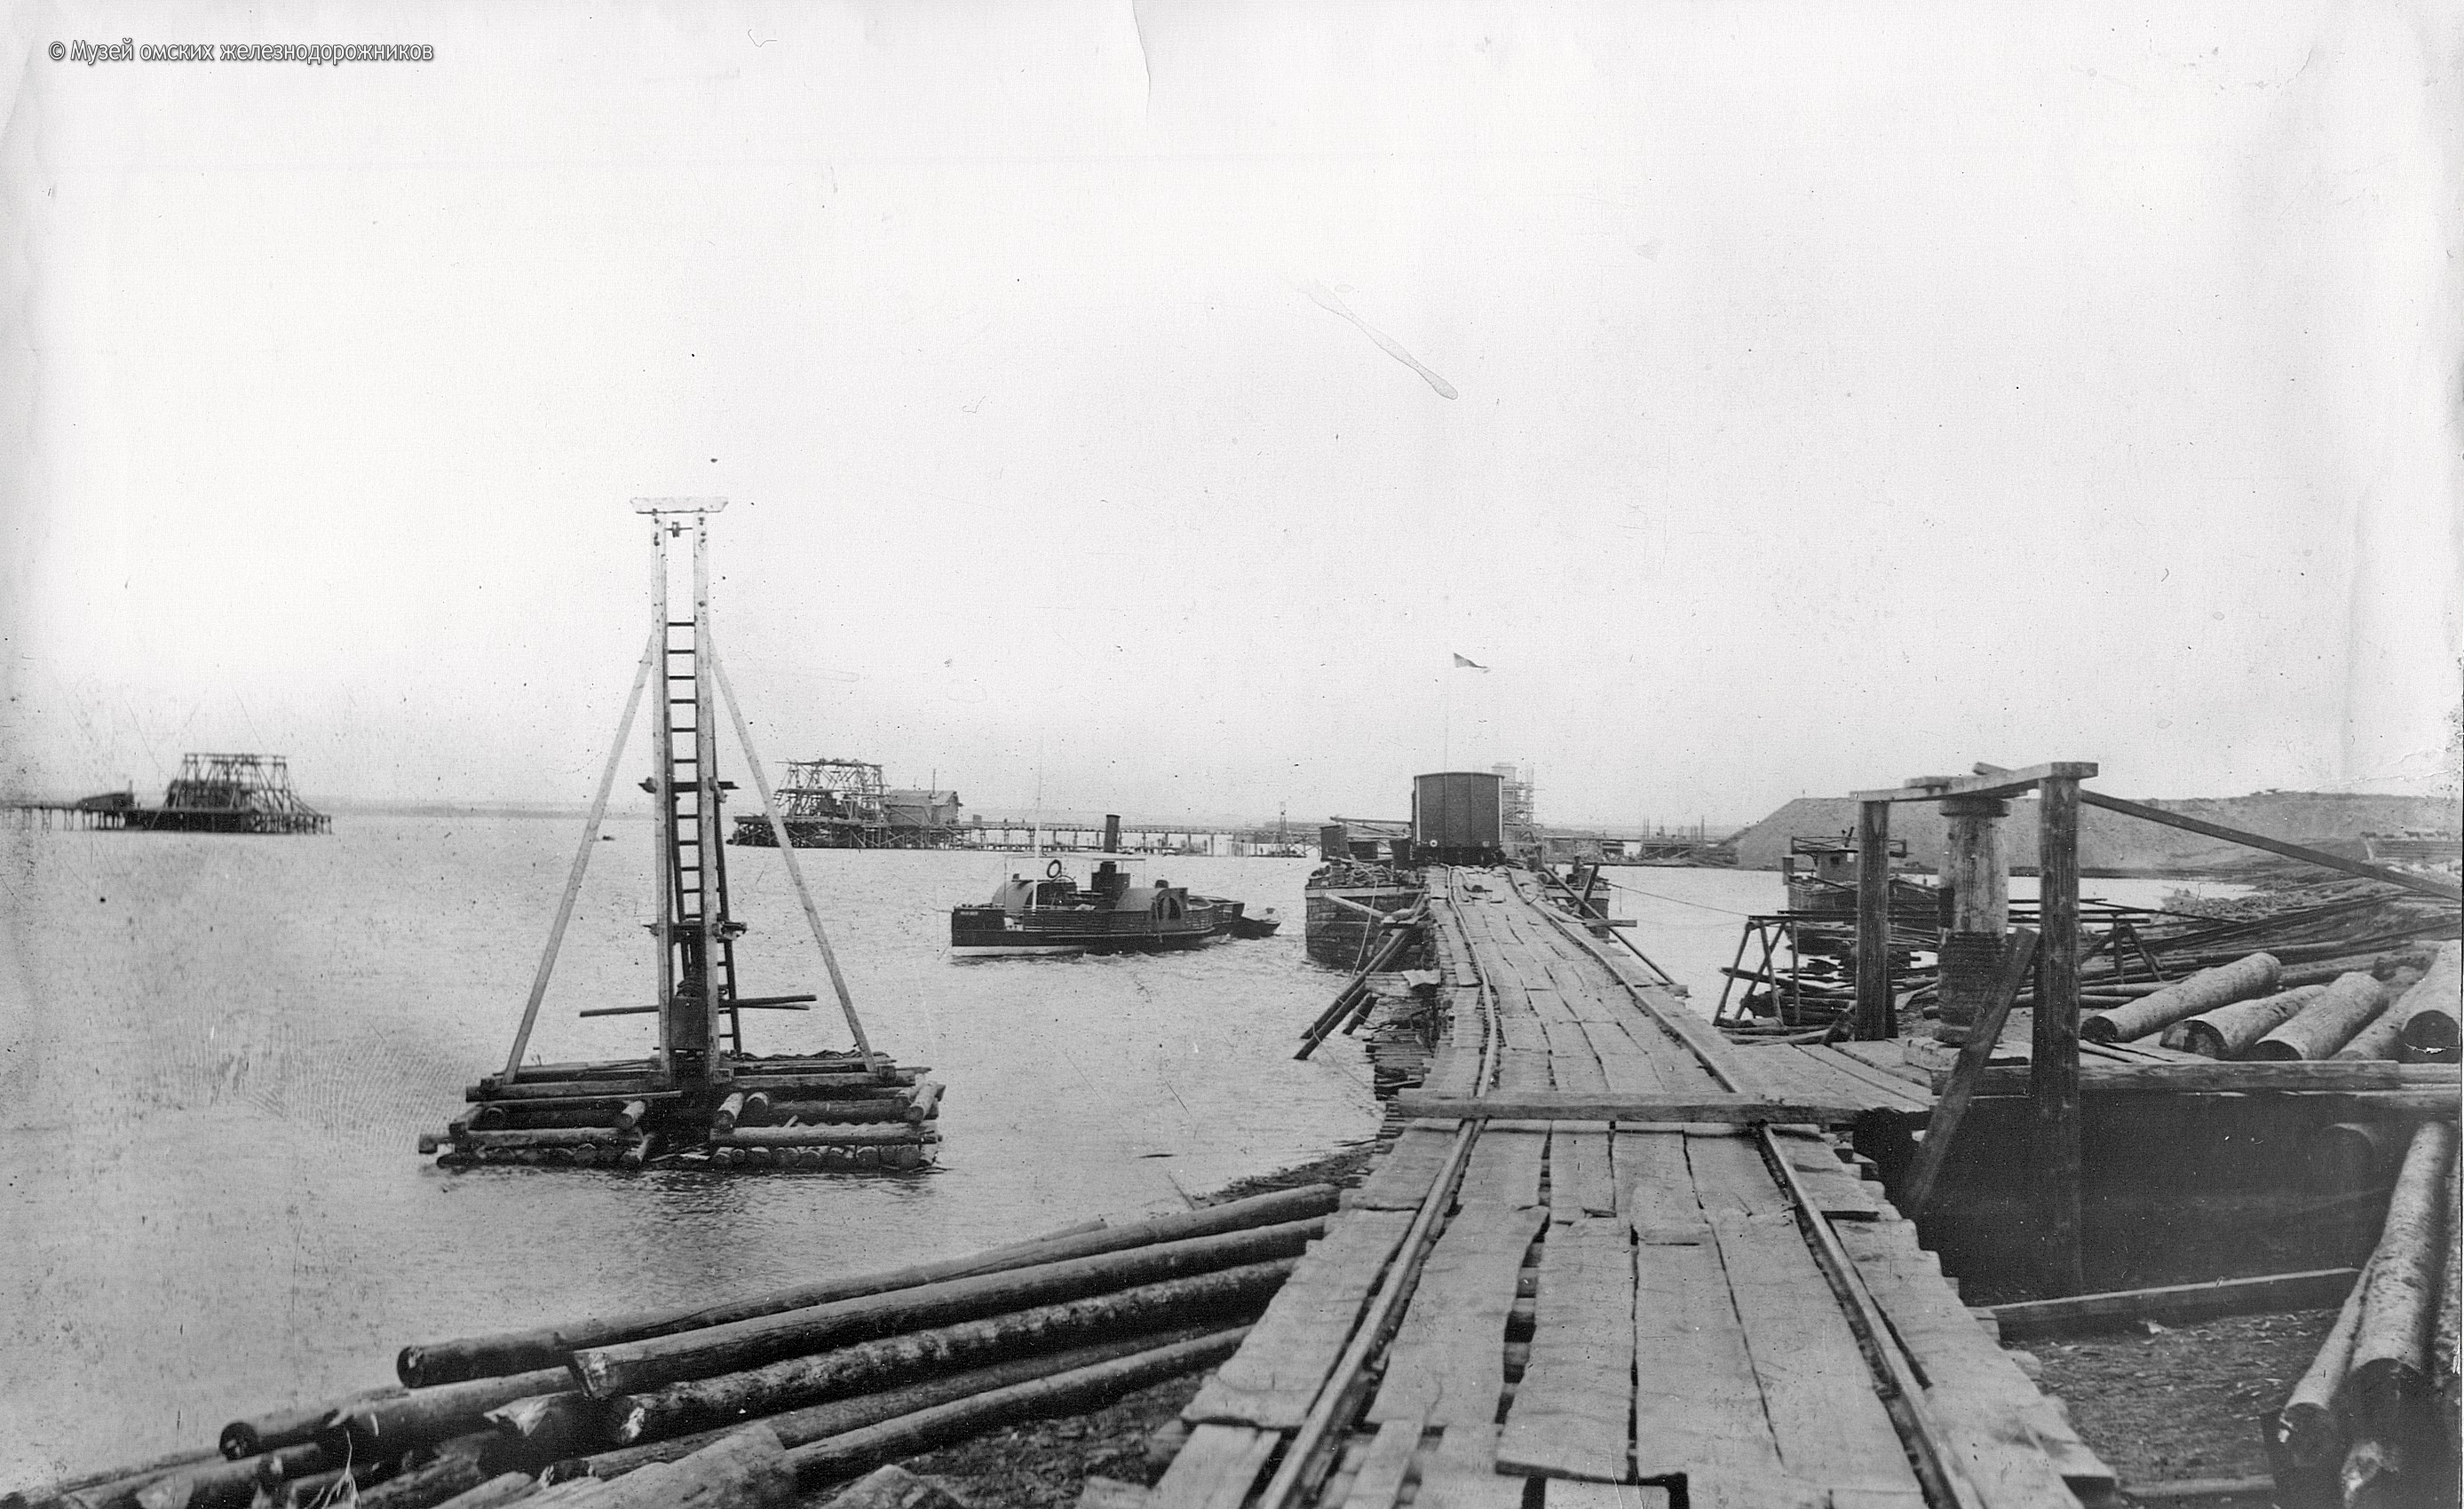 1895. Перевозка железнодорожных вагонов на пароме с левого берега Иртыша на правый в период строительства моста